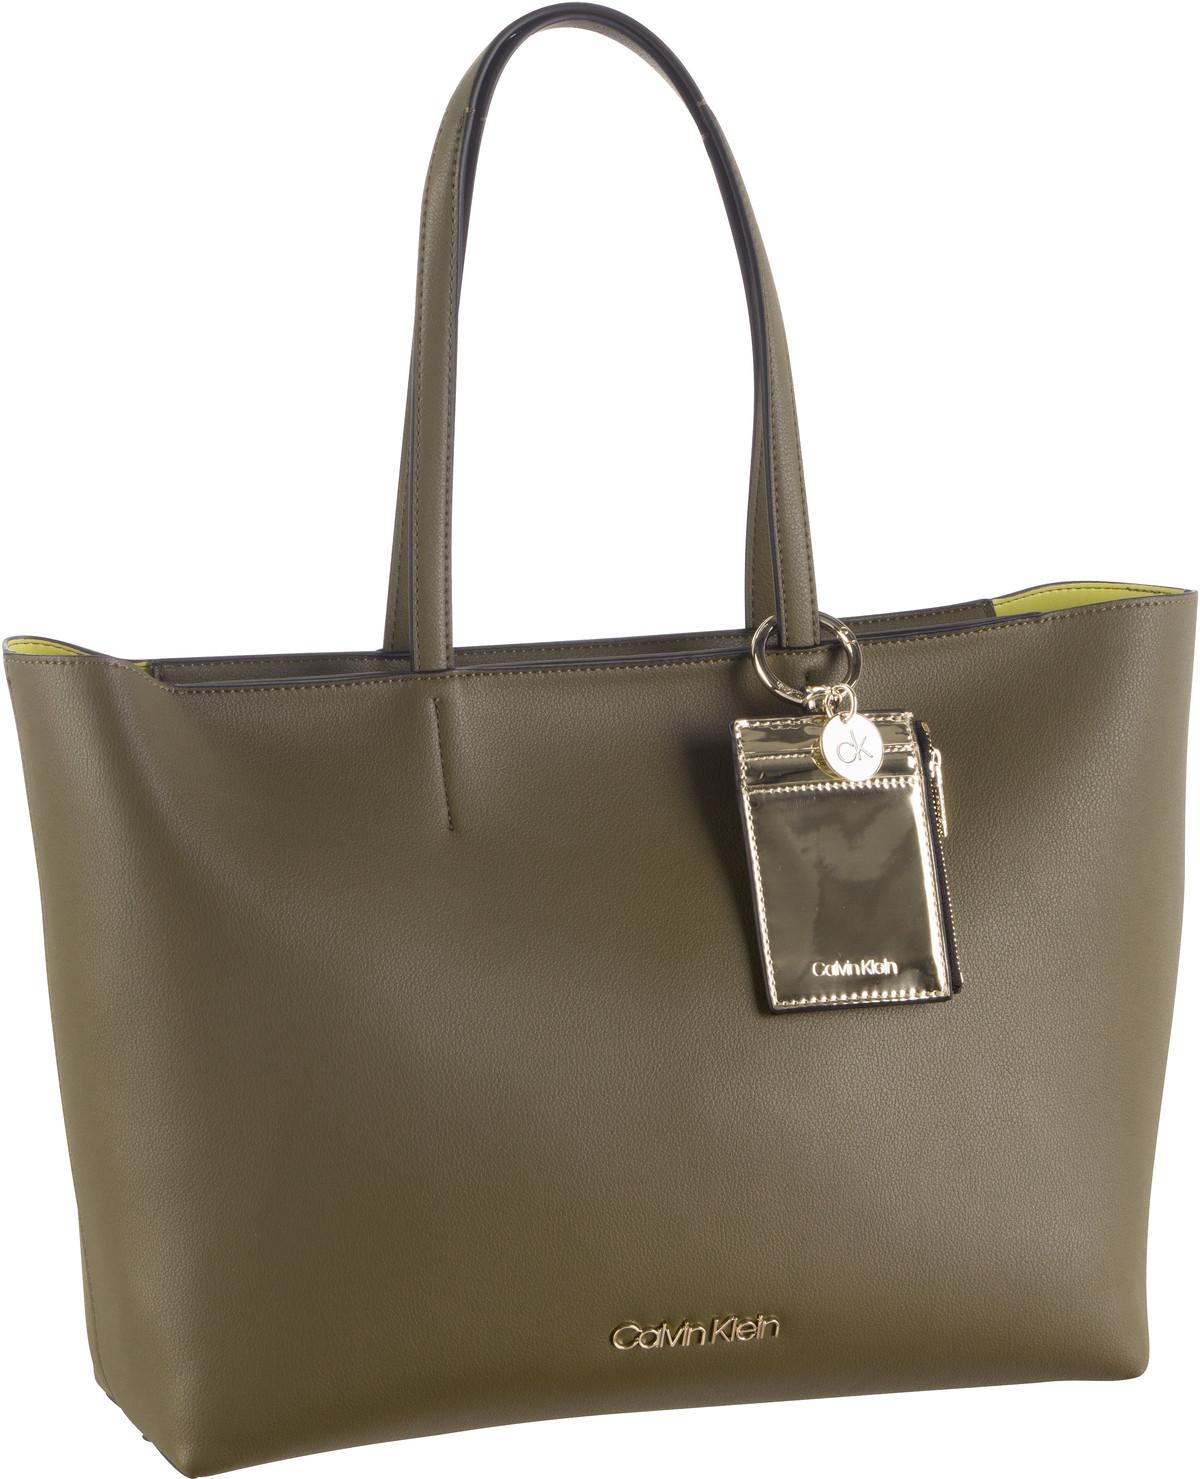 Handtasche CK Must PSP20 Medium Shopper Dark Olive